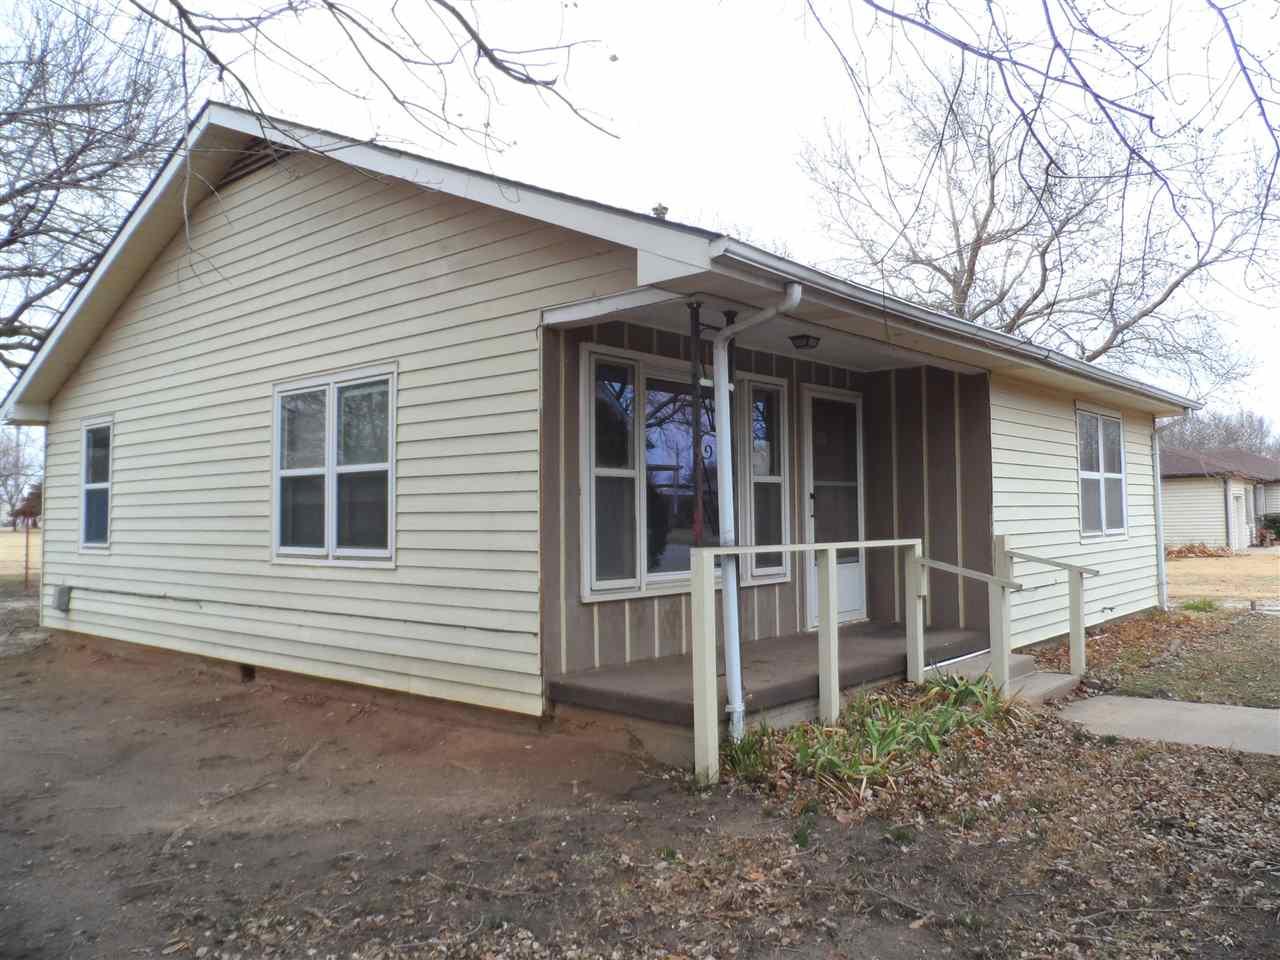 324 W 8th St, Harper, KS, 67058